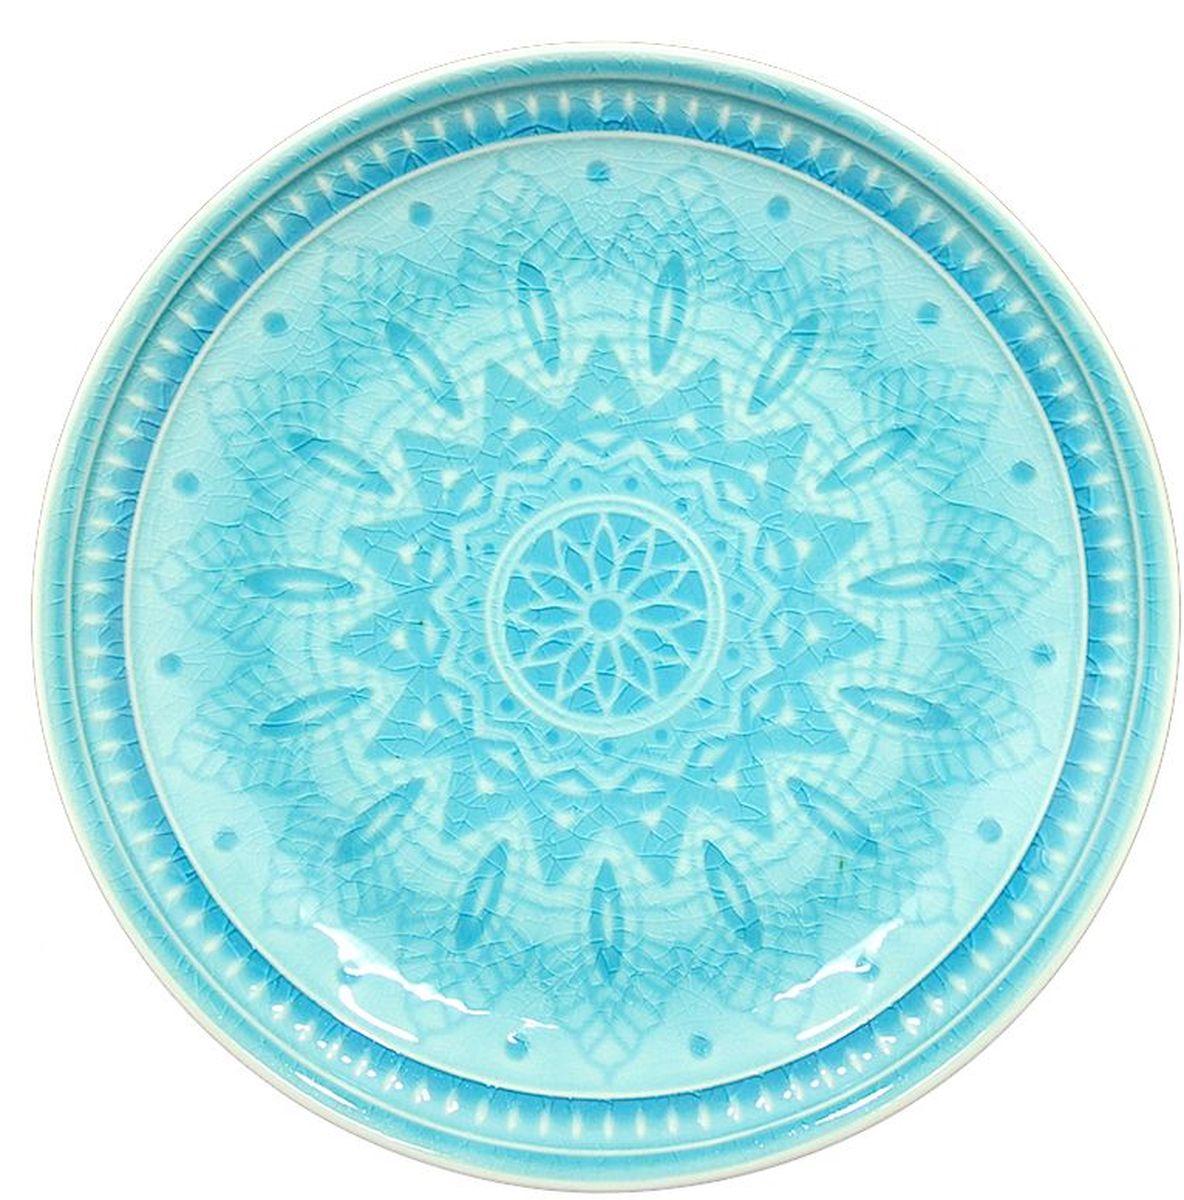 Набор десертных тарелок Tongo, цвет: голубая бирюза, диаметр 20,5 см, 6 штPL-205b Tongo Набор тарелок десертныхТрадиционная этническая посуда Индонезии. Декоративная техника придает посуде этнический шарм, с элементами старения, в виде паутинки мелких трещинок на поверхности эмали, что повышает ее привлекательность и ценность среди посудных аналогов.В процессе эксплуатации мелкие трещины также могут проявляться на внутренних поверхностях кружек и салатников, - что также является задумкой дизайнеров, заложенной в производственной технологии.